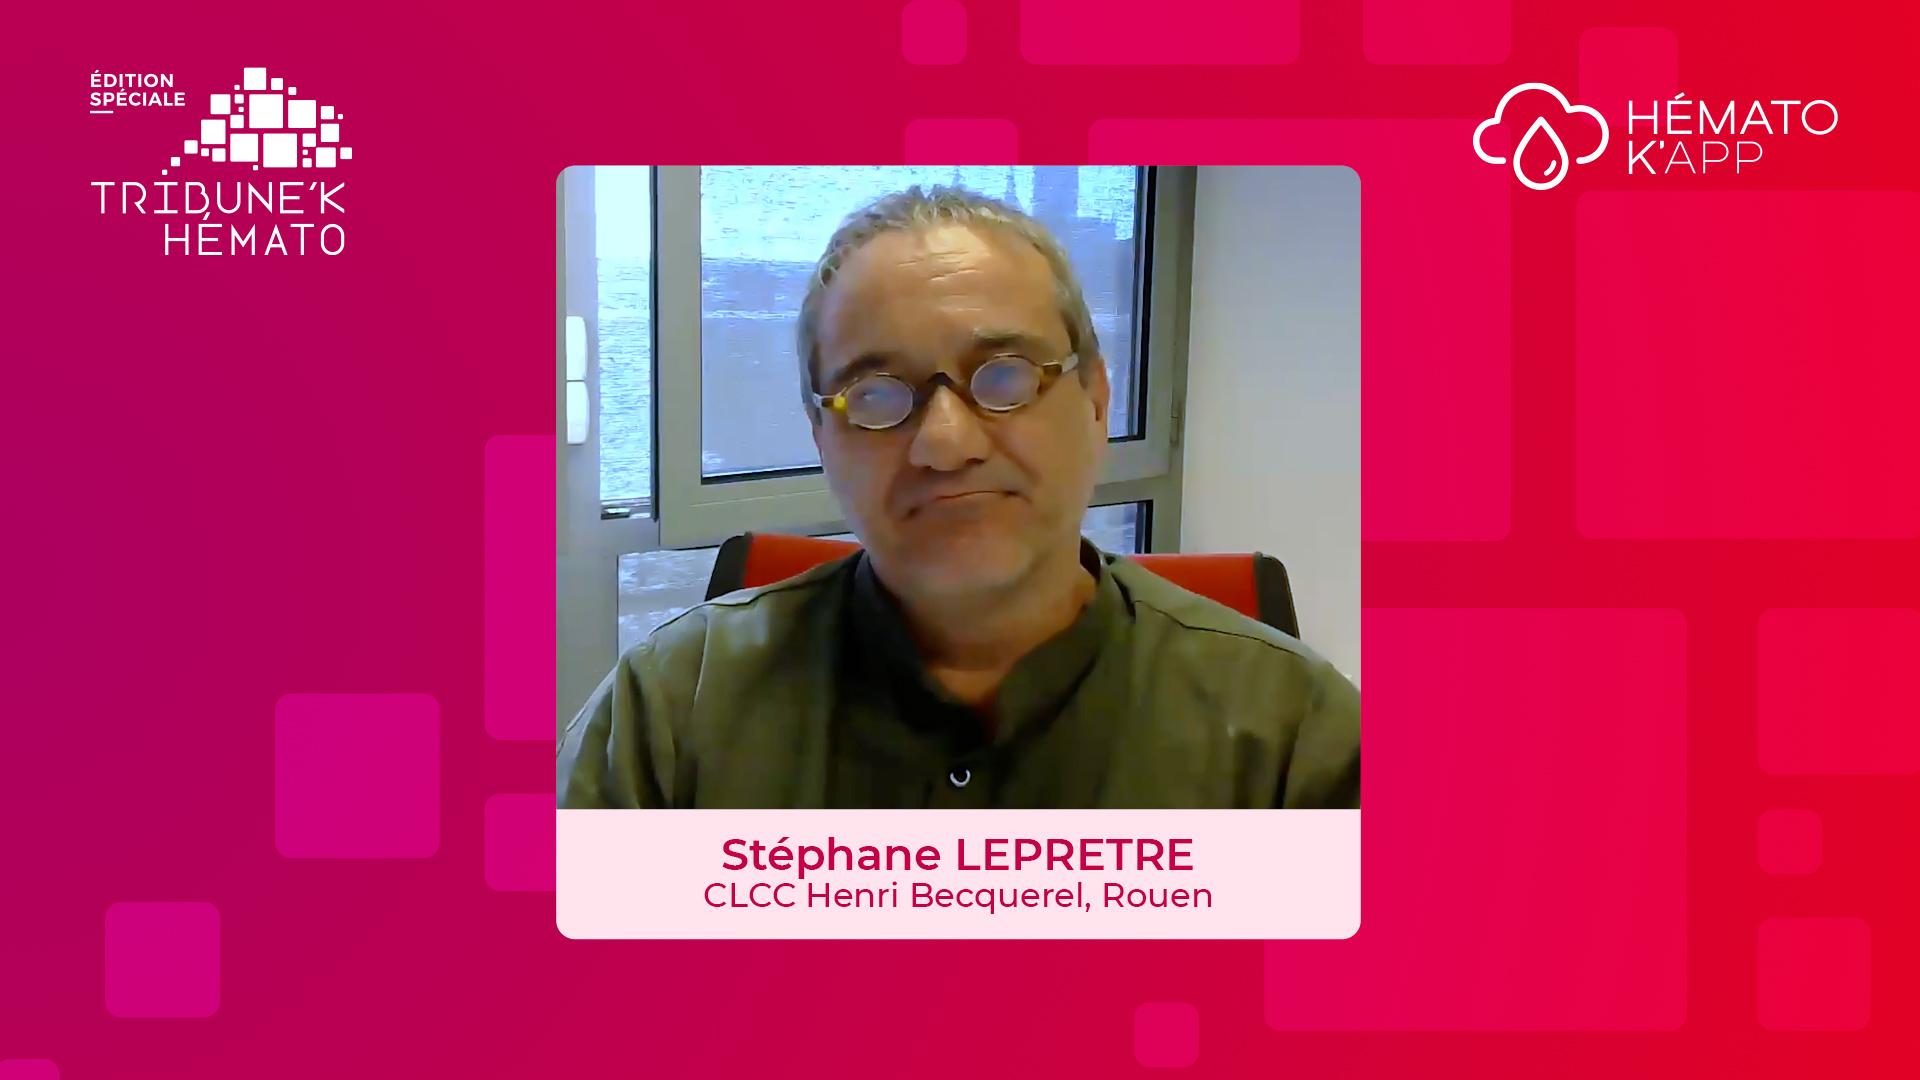 2021_06_09_STEPHANE_LEPRETRE_COVER